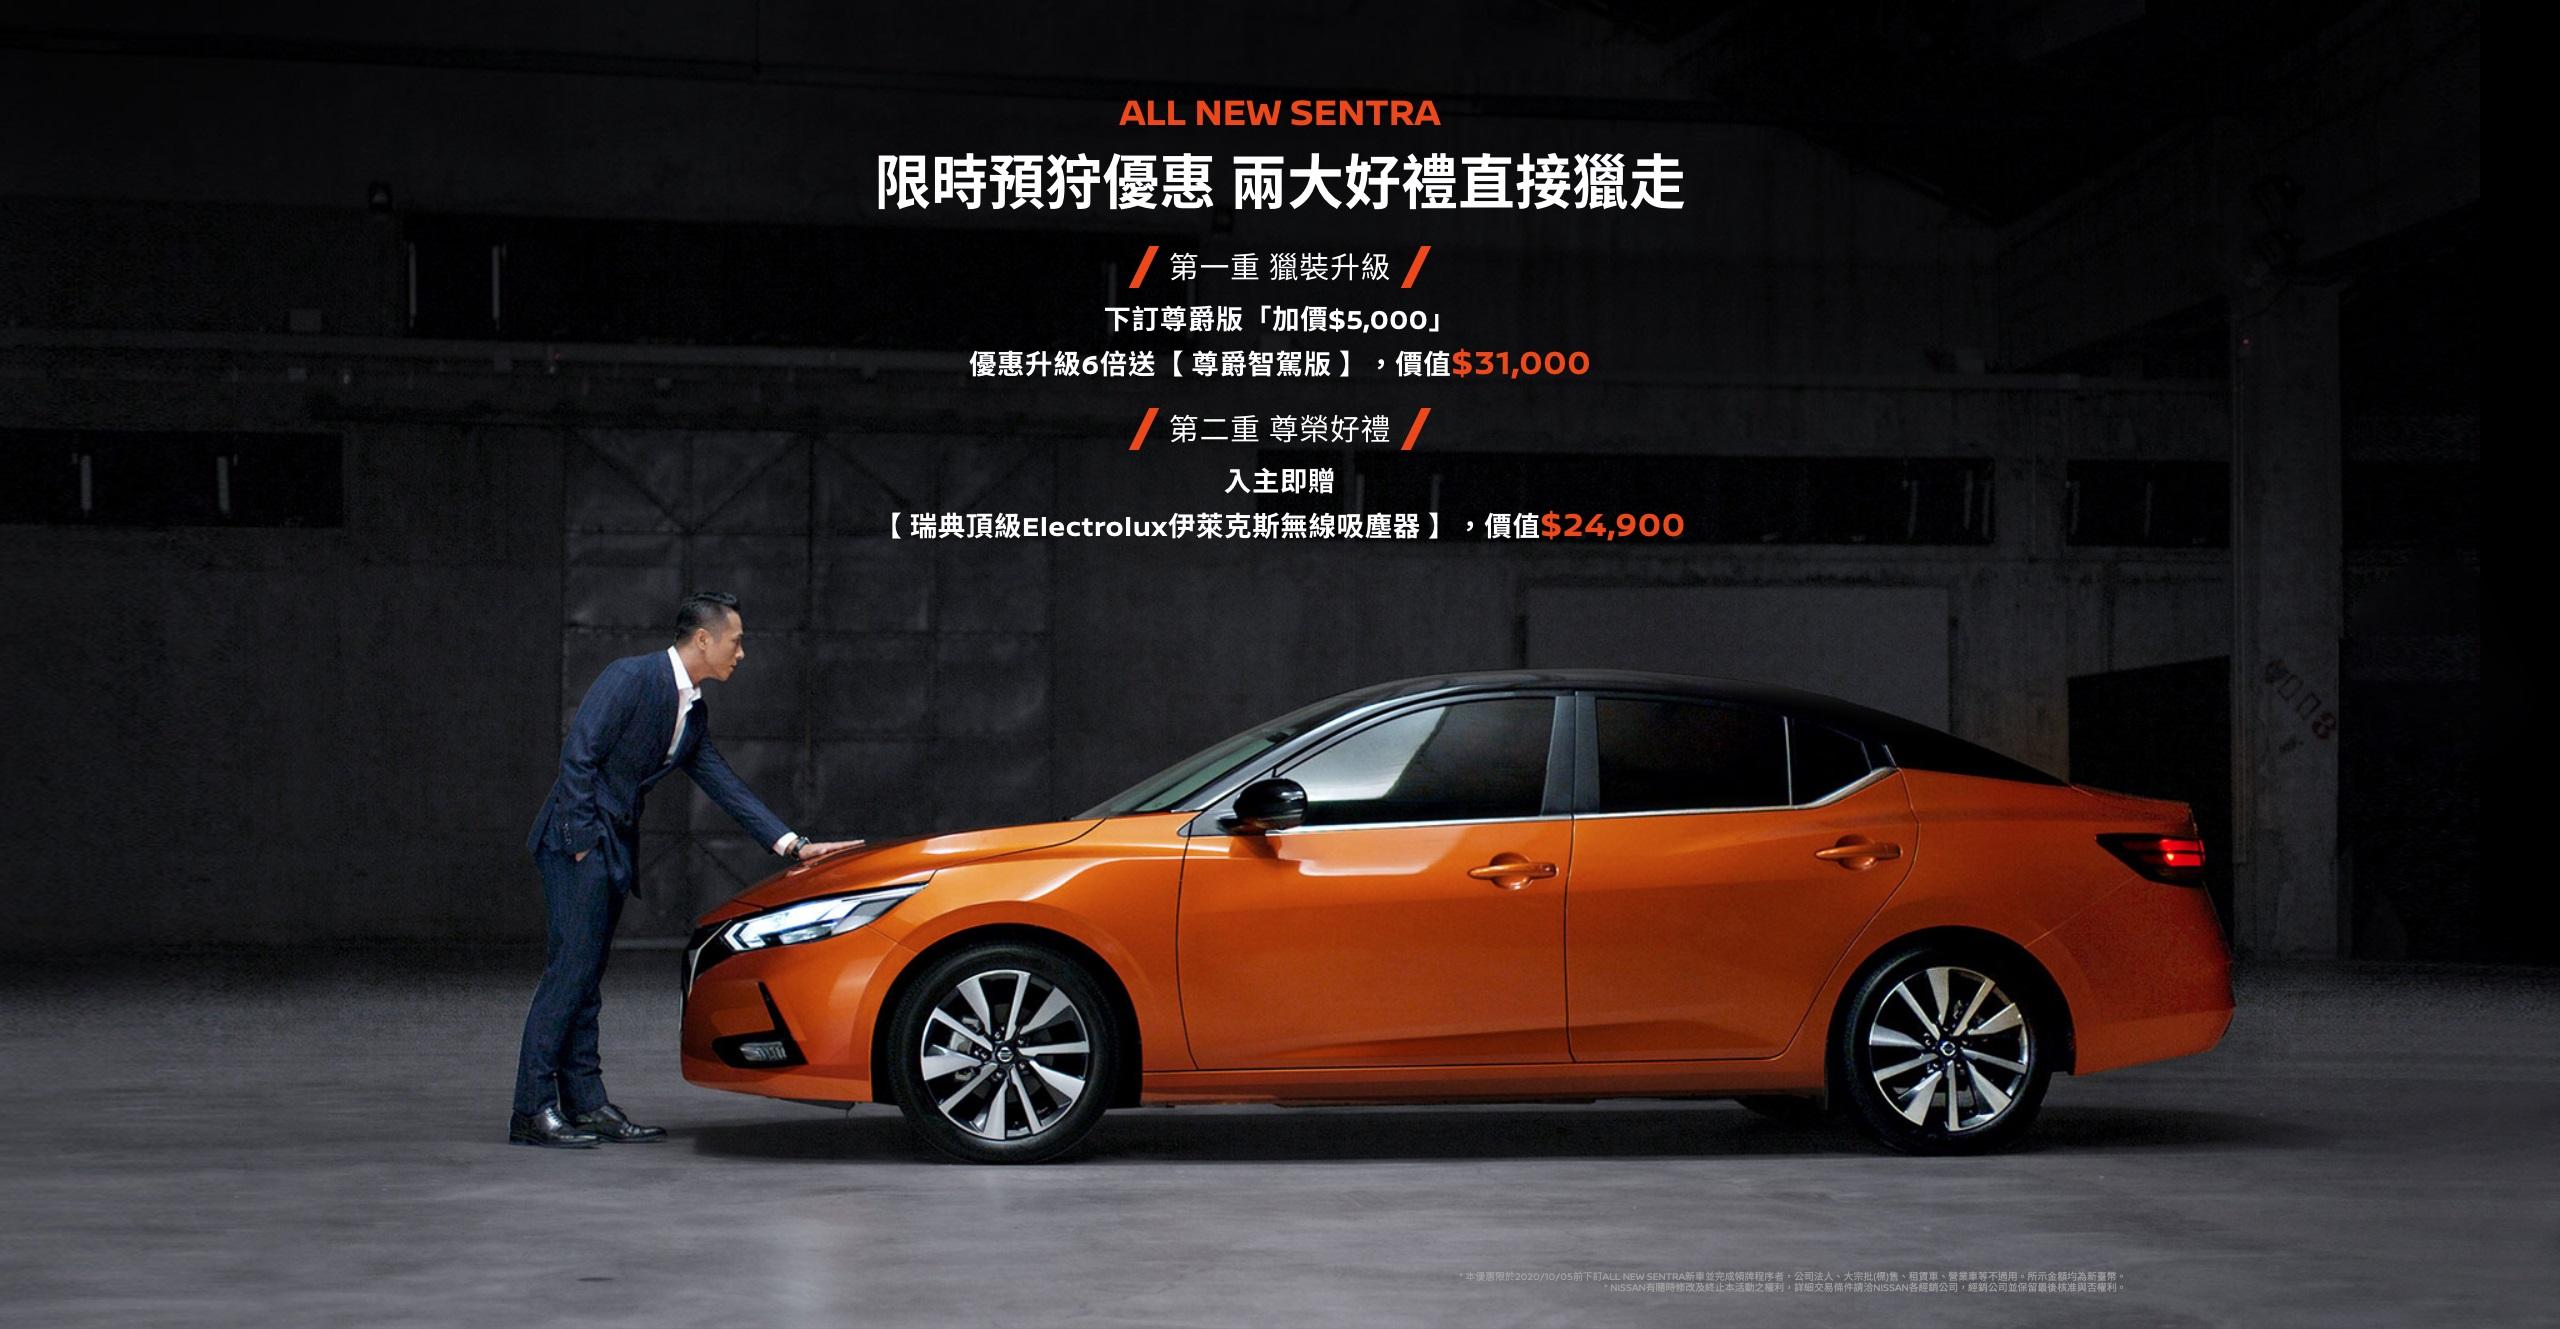 即日起至10月30日止,下訂 NissanSentra「尊爵版」車規僅需加價10,000元,便可升級「尊爵智駕版」車規。